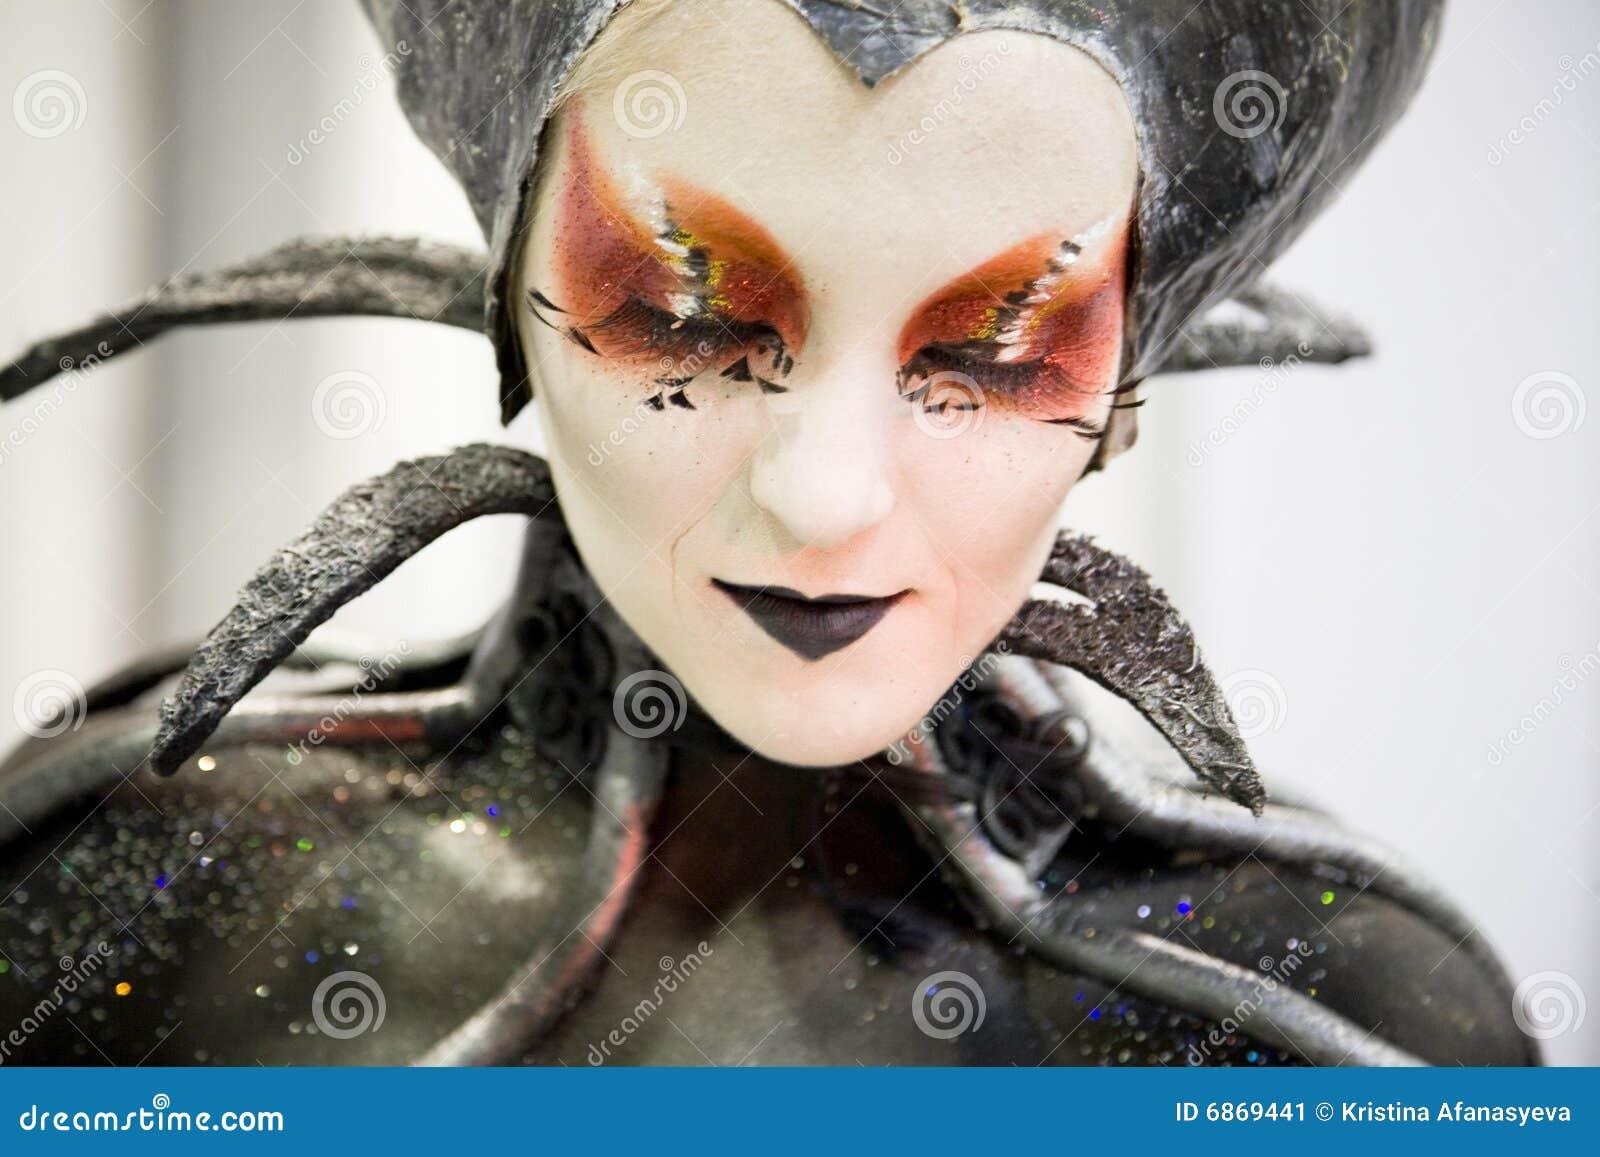 estilo del vampiro maquillaje y demostracin de bodyart foto editorial